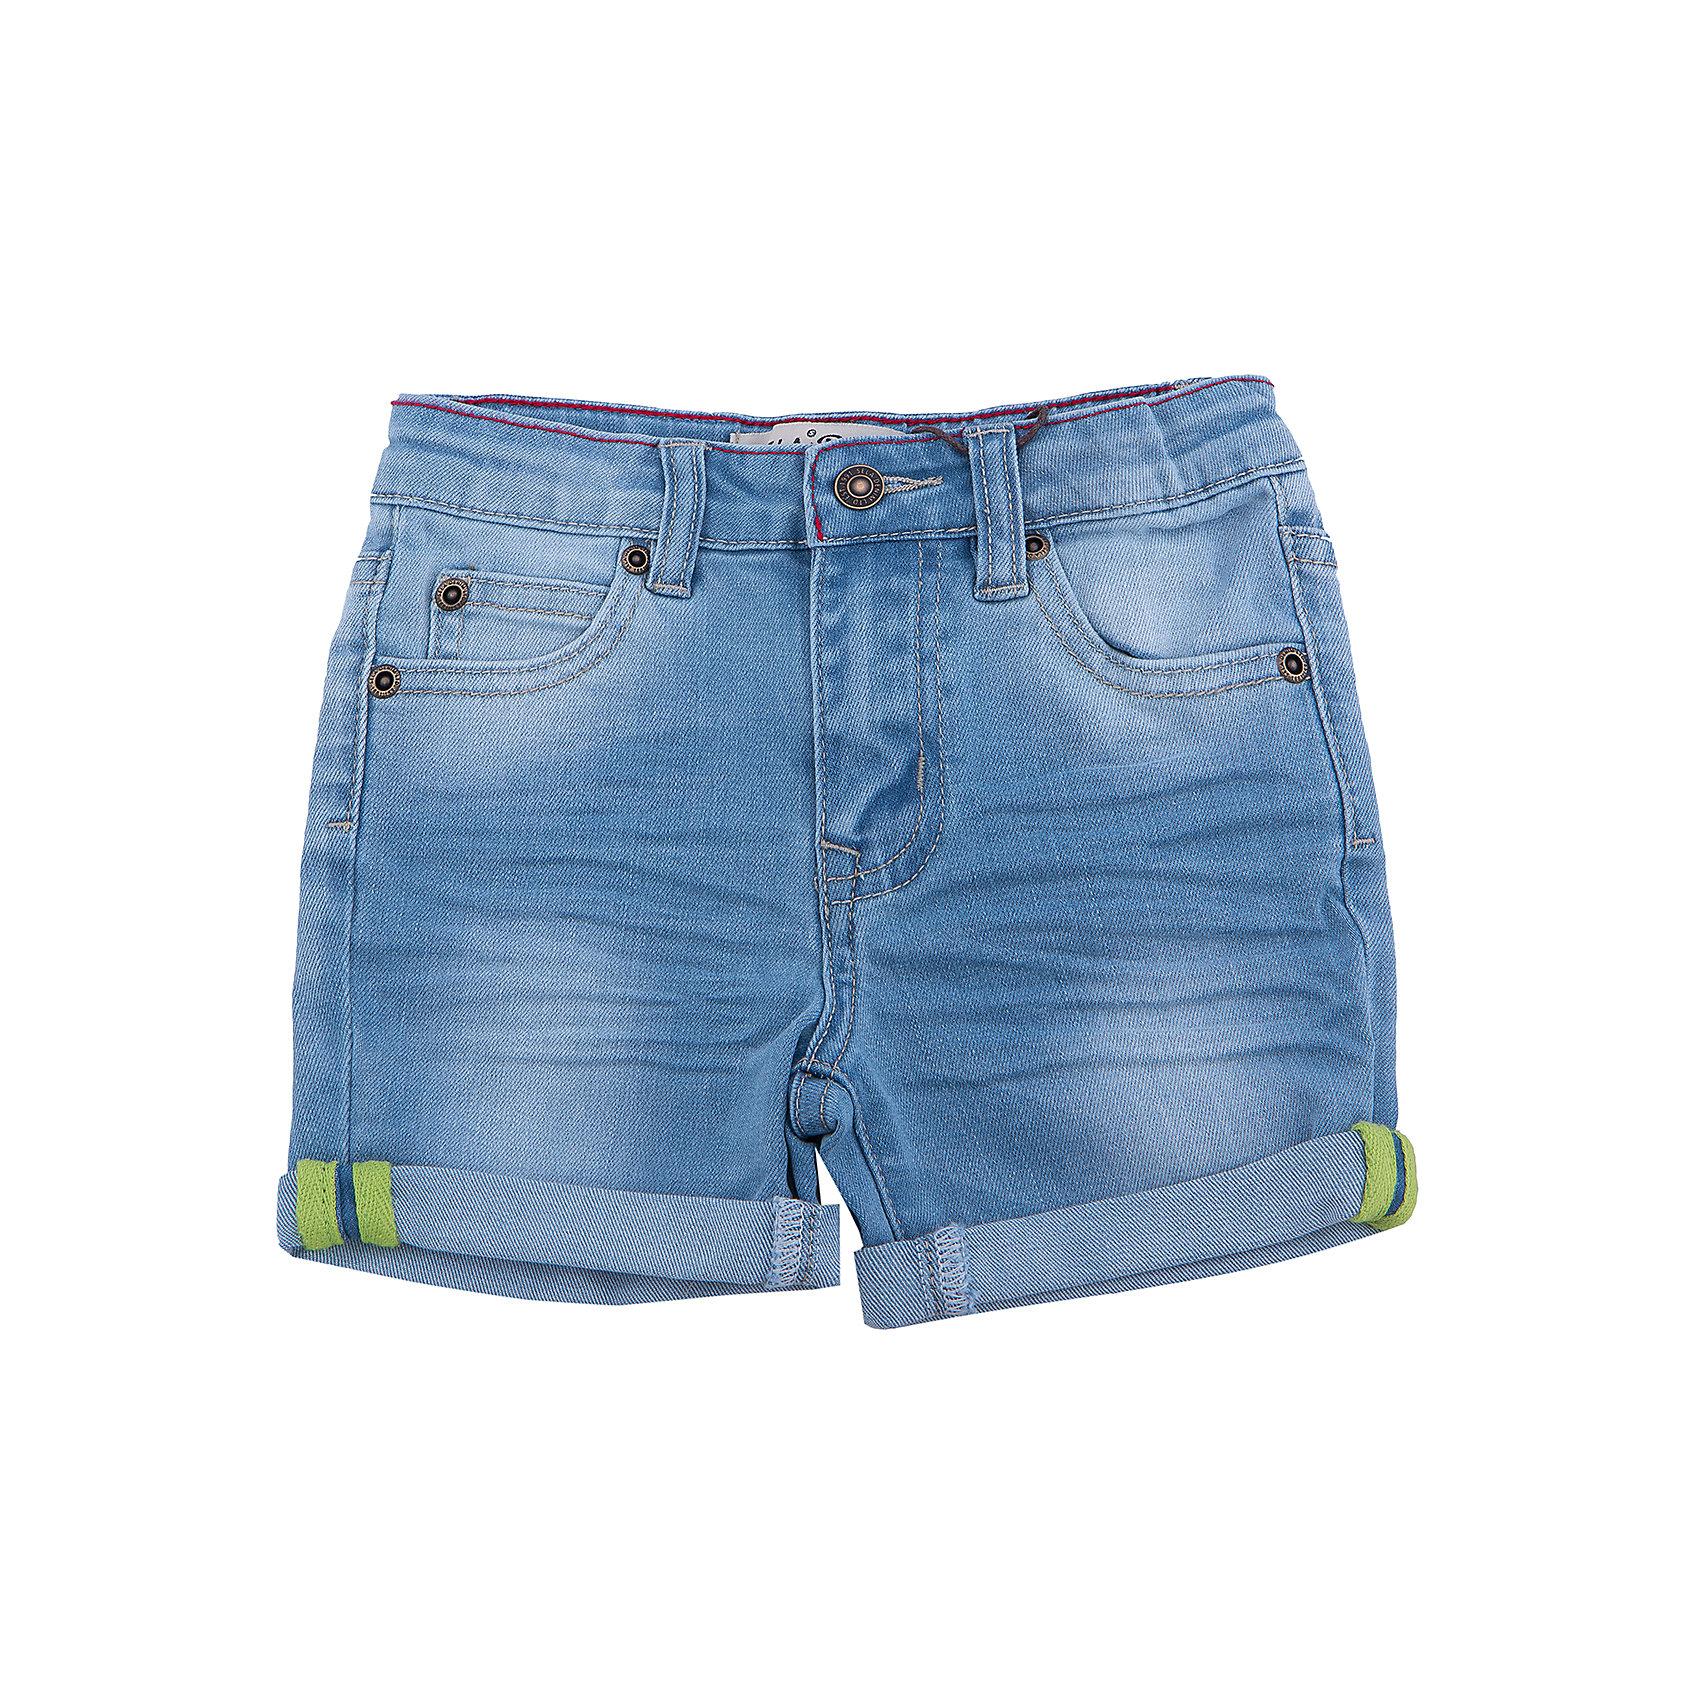 Шорты джинсовые для мальчика SELAДжинсовая одежда<br>Характеристики товара:<br><br>• цвет: синий<br>• сезон: лето<br>• состав: 75% хлопок, 23% ПЭ, 2% эластан<br>• эффект потертостей<br>• застежка - пуговица<br>• карманы<br>• шлевки<br>• страна бренда: Россия<br><br>Вещи из новой коллекции SELA продолжают радовать удобством! Легкие шорты для мальчика  помогут разнообразить гардероб ребенка и обеспечить комфорт. <br><br>Одежда, обувь и аксессуары от российского бренда SELA не зря пользуются большой популярностью у детей и взрослых! Модели этой марки - стильные и удобные, цена при этом неизменно остается доступной. Для их производства используются только безопасные, качественные материалы и фурнитура. Новая коллекция поддерживает хорошие традиции бренда! <br><br>Шорты для мальчика от популярного бренда SELA (СЕЛА) можно купить в нашем интернет-магазине.<br><br>Ширина мм: 191<br>Глубина мм: 10<br>Высота мм: 175<br>Вес г: 273<br>Цвет: голубой<br>Возраст от месяцев: 18<br>Возраст до месяцев: 24<br>Пол: Мужской<br>Возраст: Детский<br>Размер: 92,116,98,104,110<br>SKU: 5303055